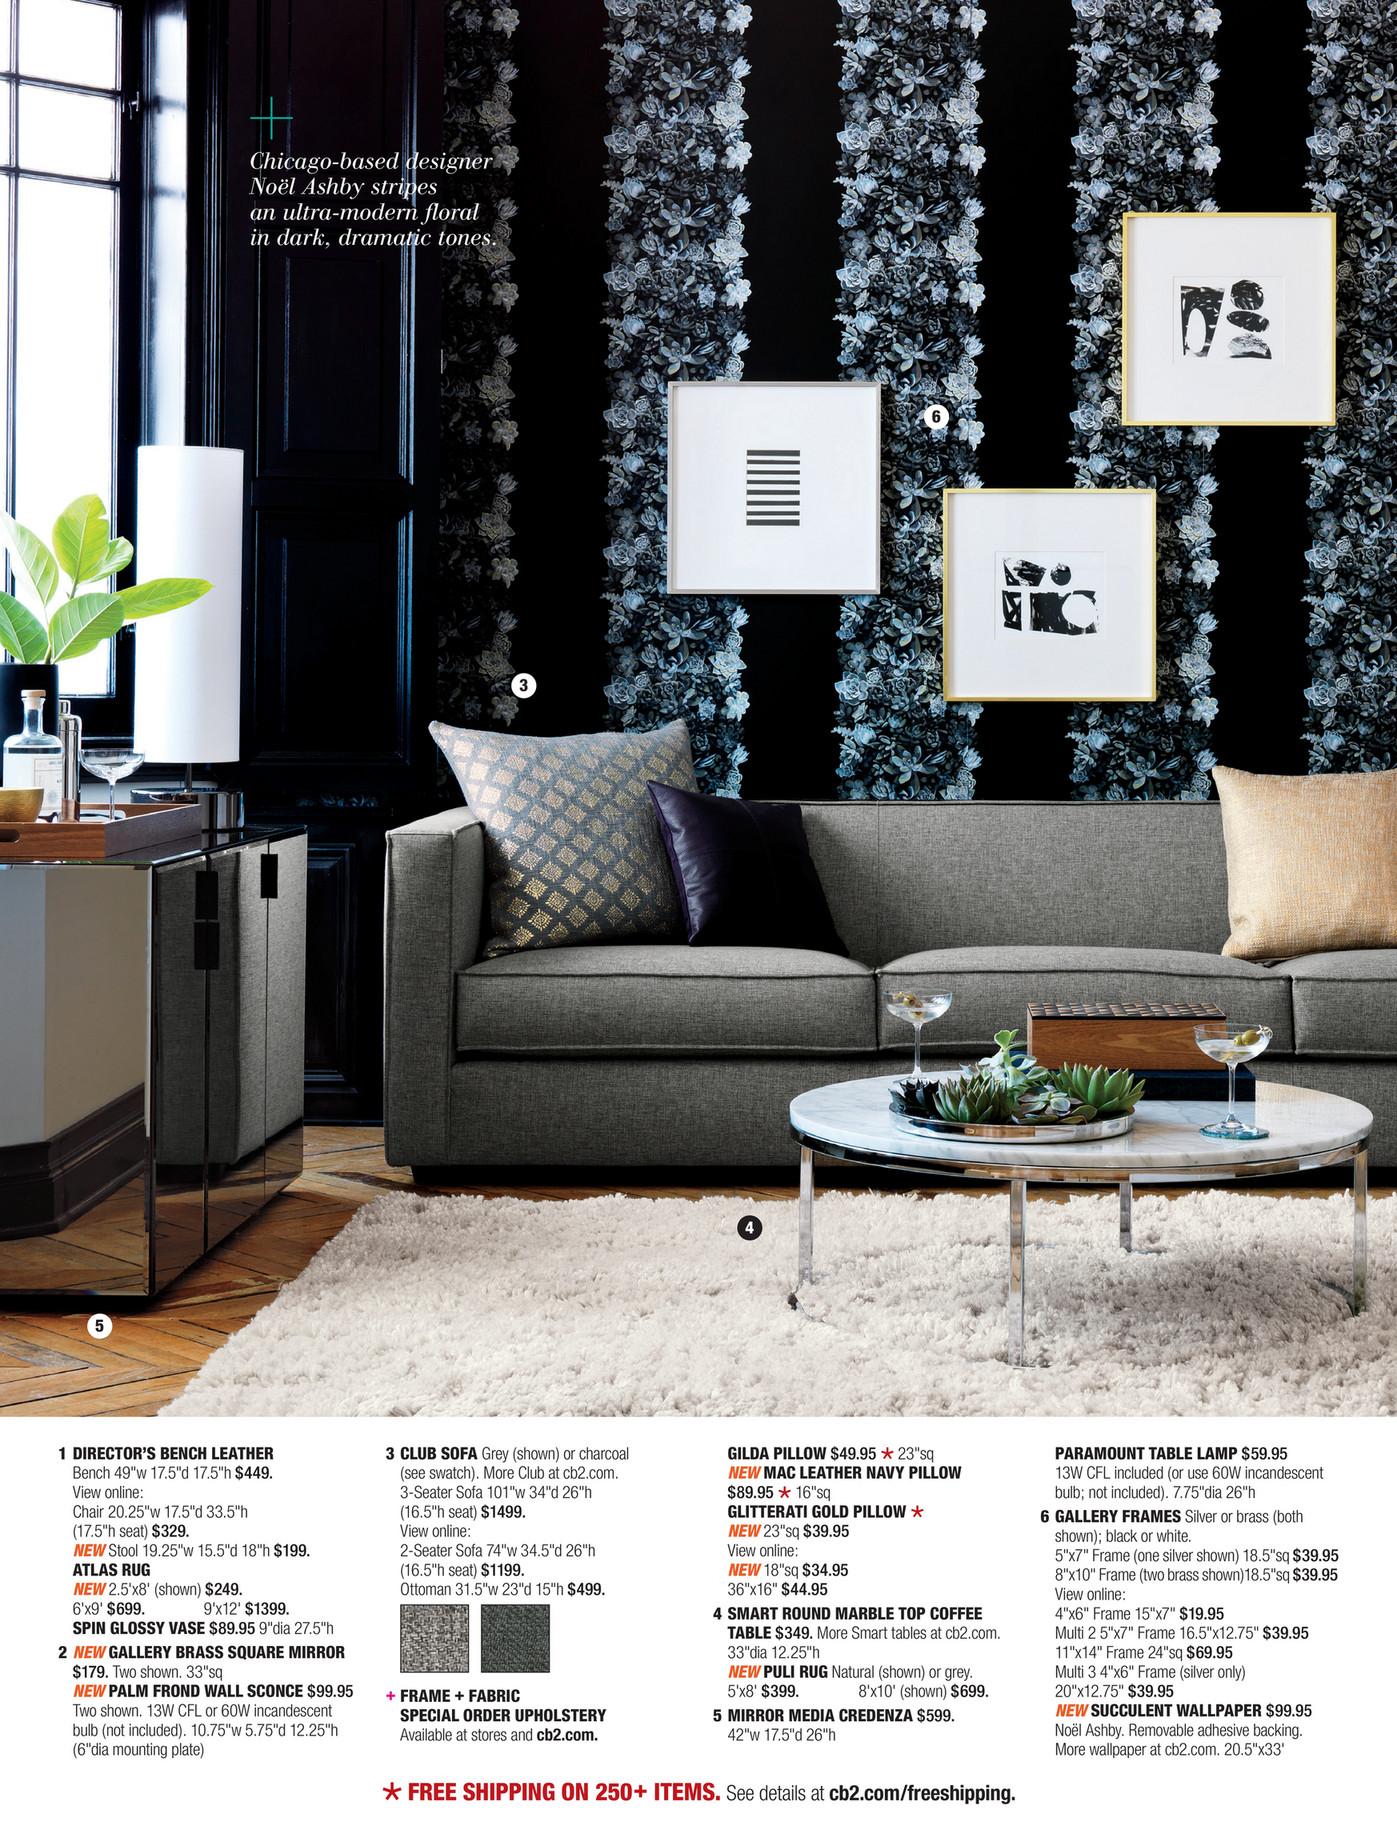 Cb2 Club 3 Seat Sofa Conceptstructuresllc Com